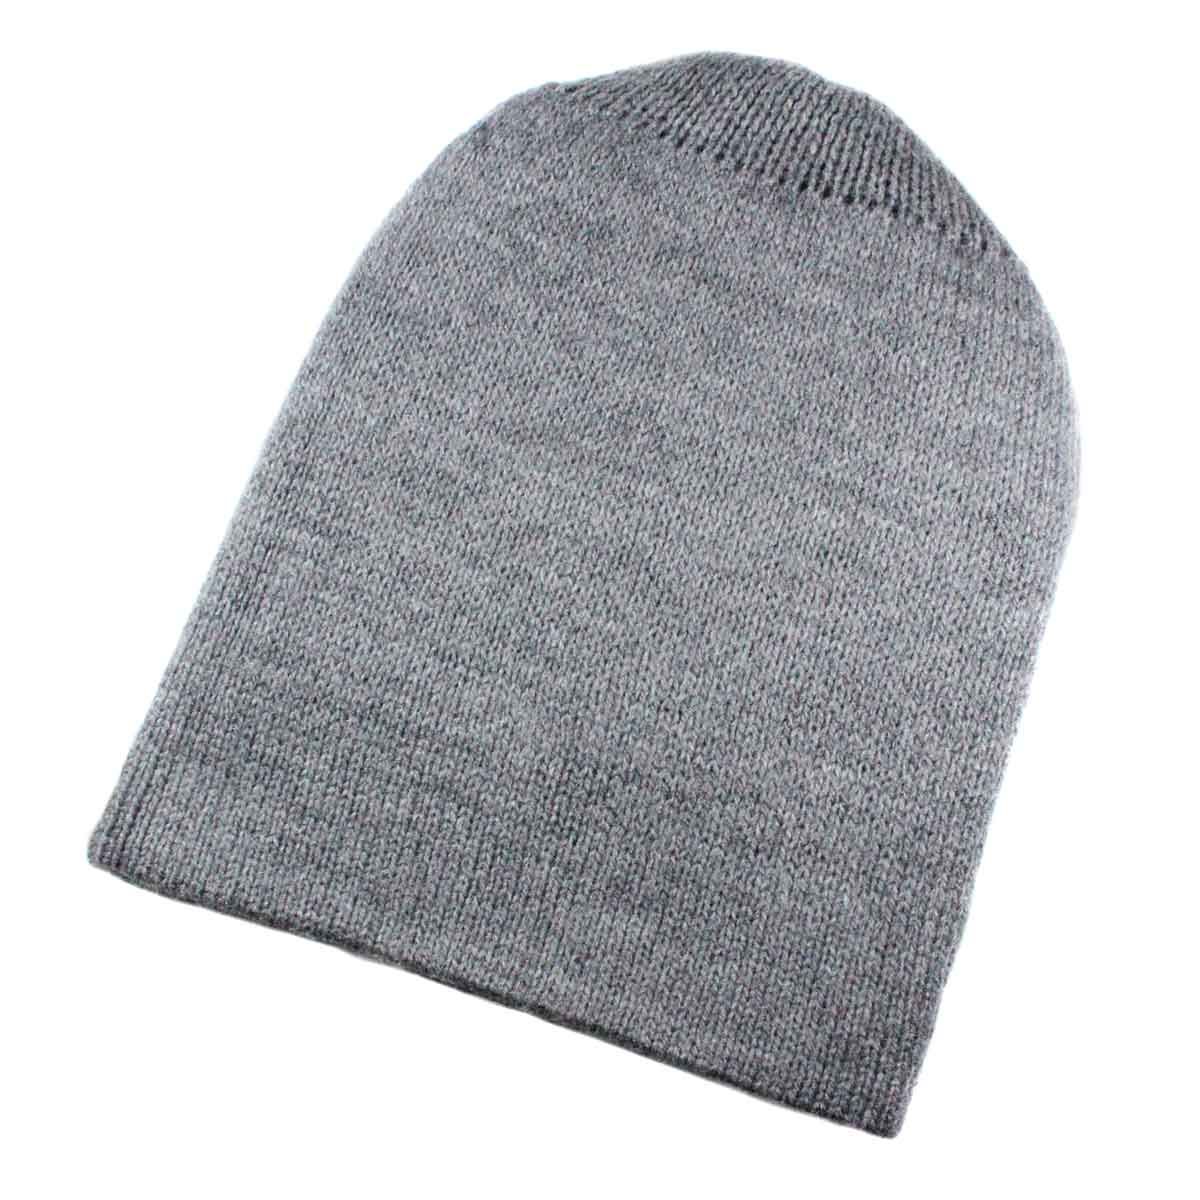 Inka-Products-Bonnet Réversible Alpaga-Gris et Gris Foncé-2